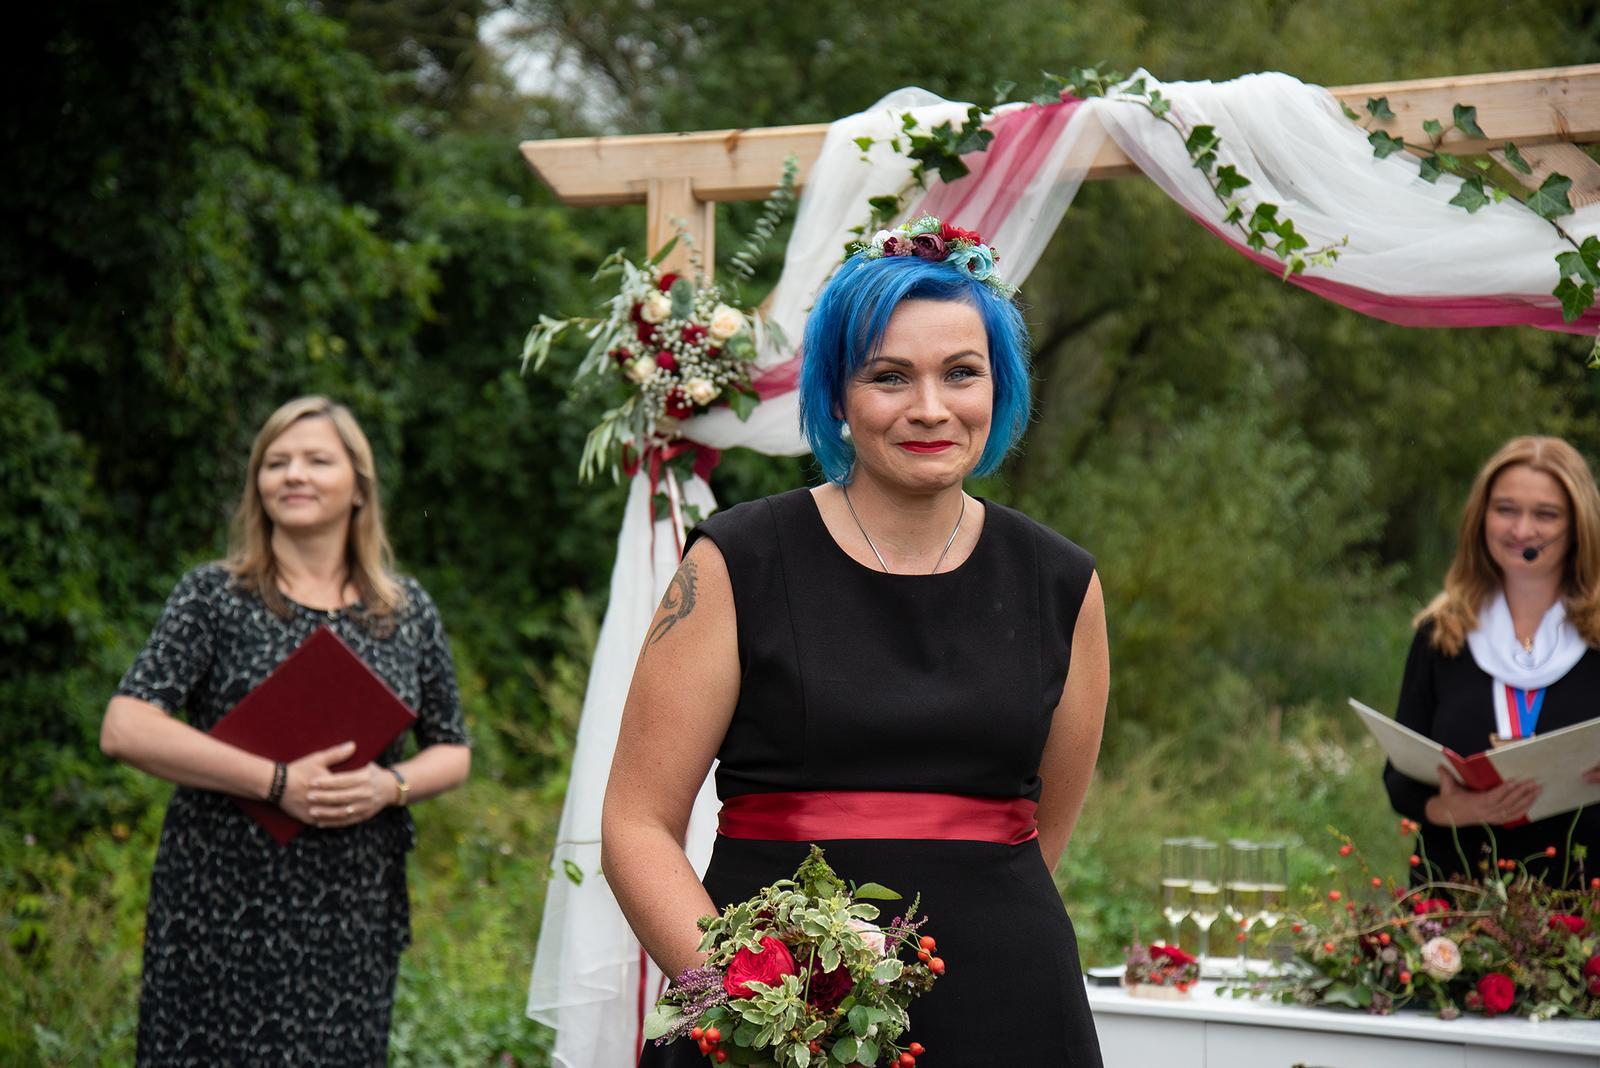 Veronika{{_AND_}}Michal - Ta nejlepší nejskvělejší svědkyně na světě, vyrobila nám oznámení upekla svatební dort a nachystala čelo výzdobu.